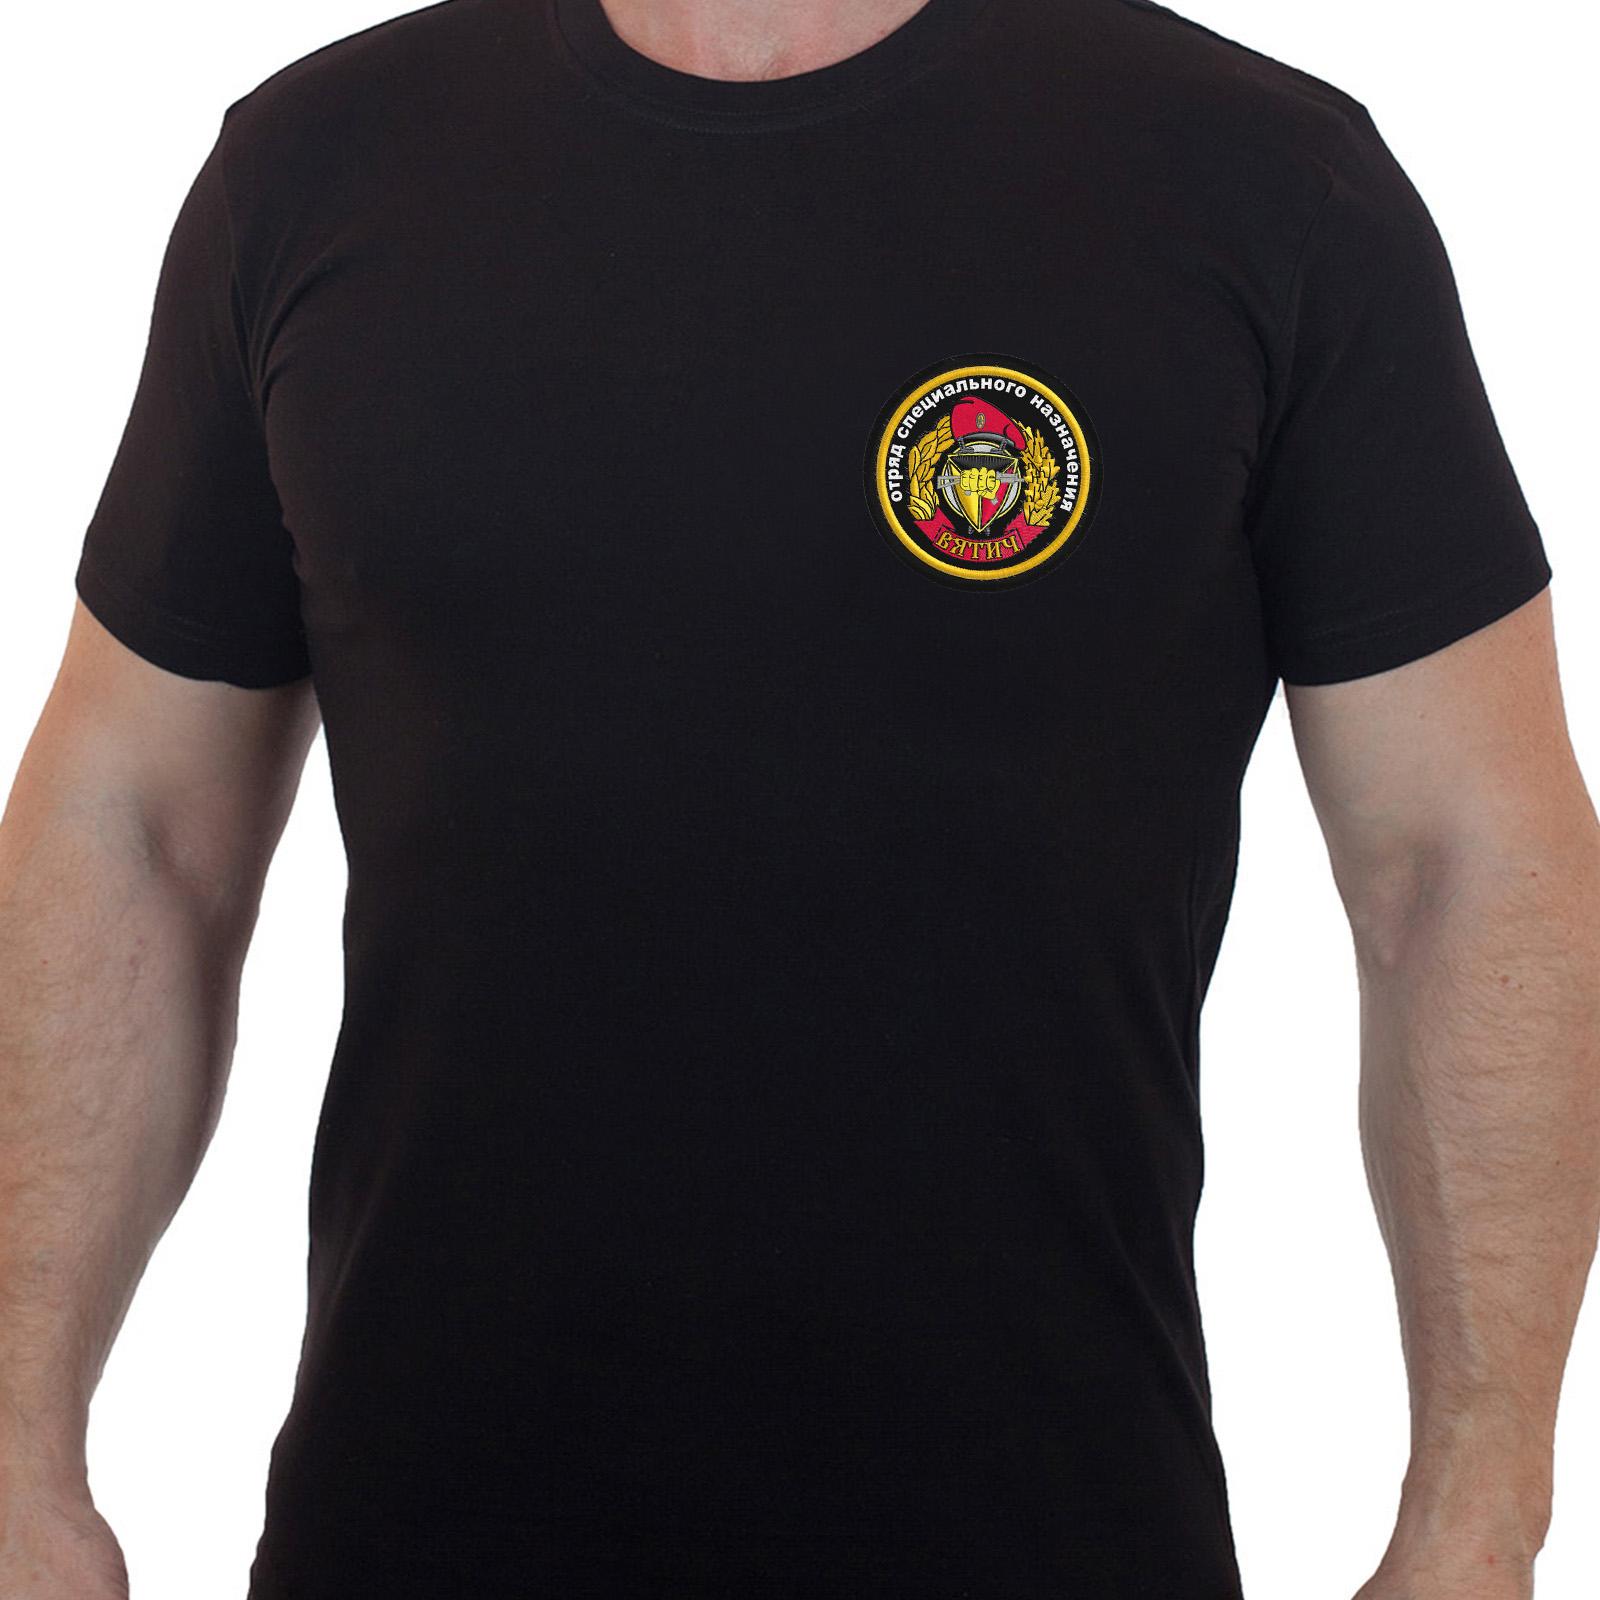 Хлопковая футболка  с вышитым шевроном ОСН Вятич